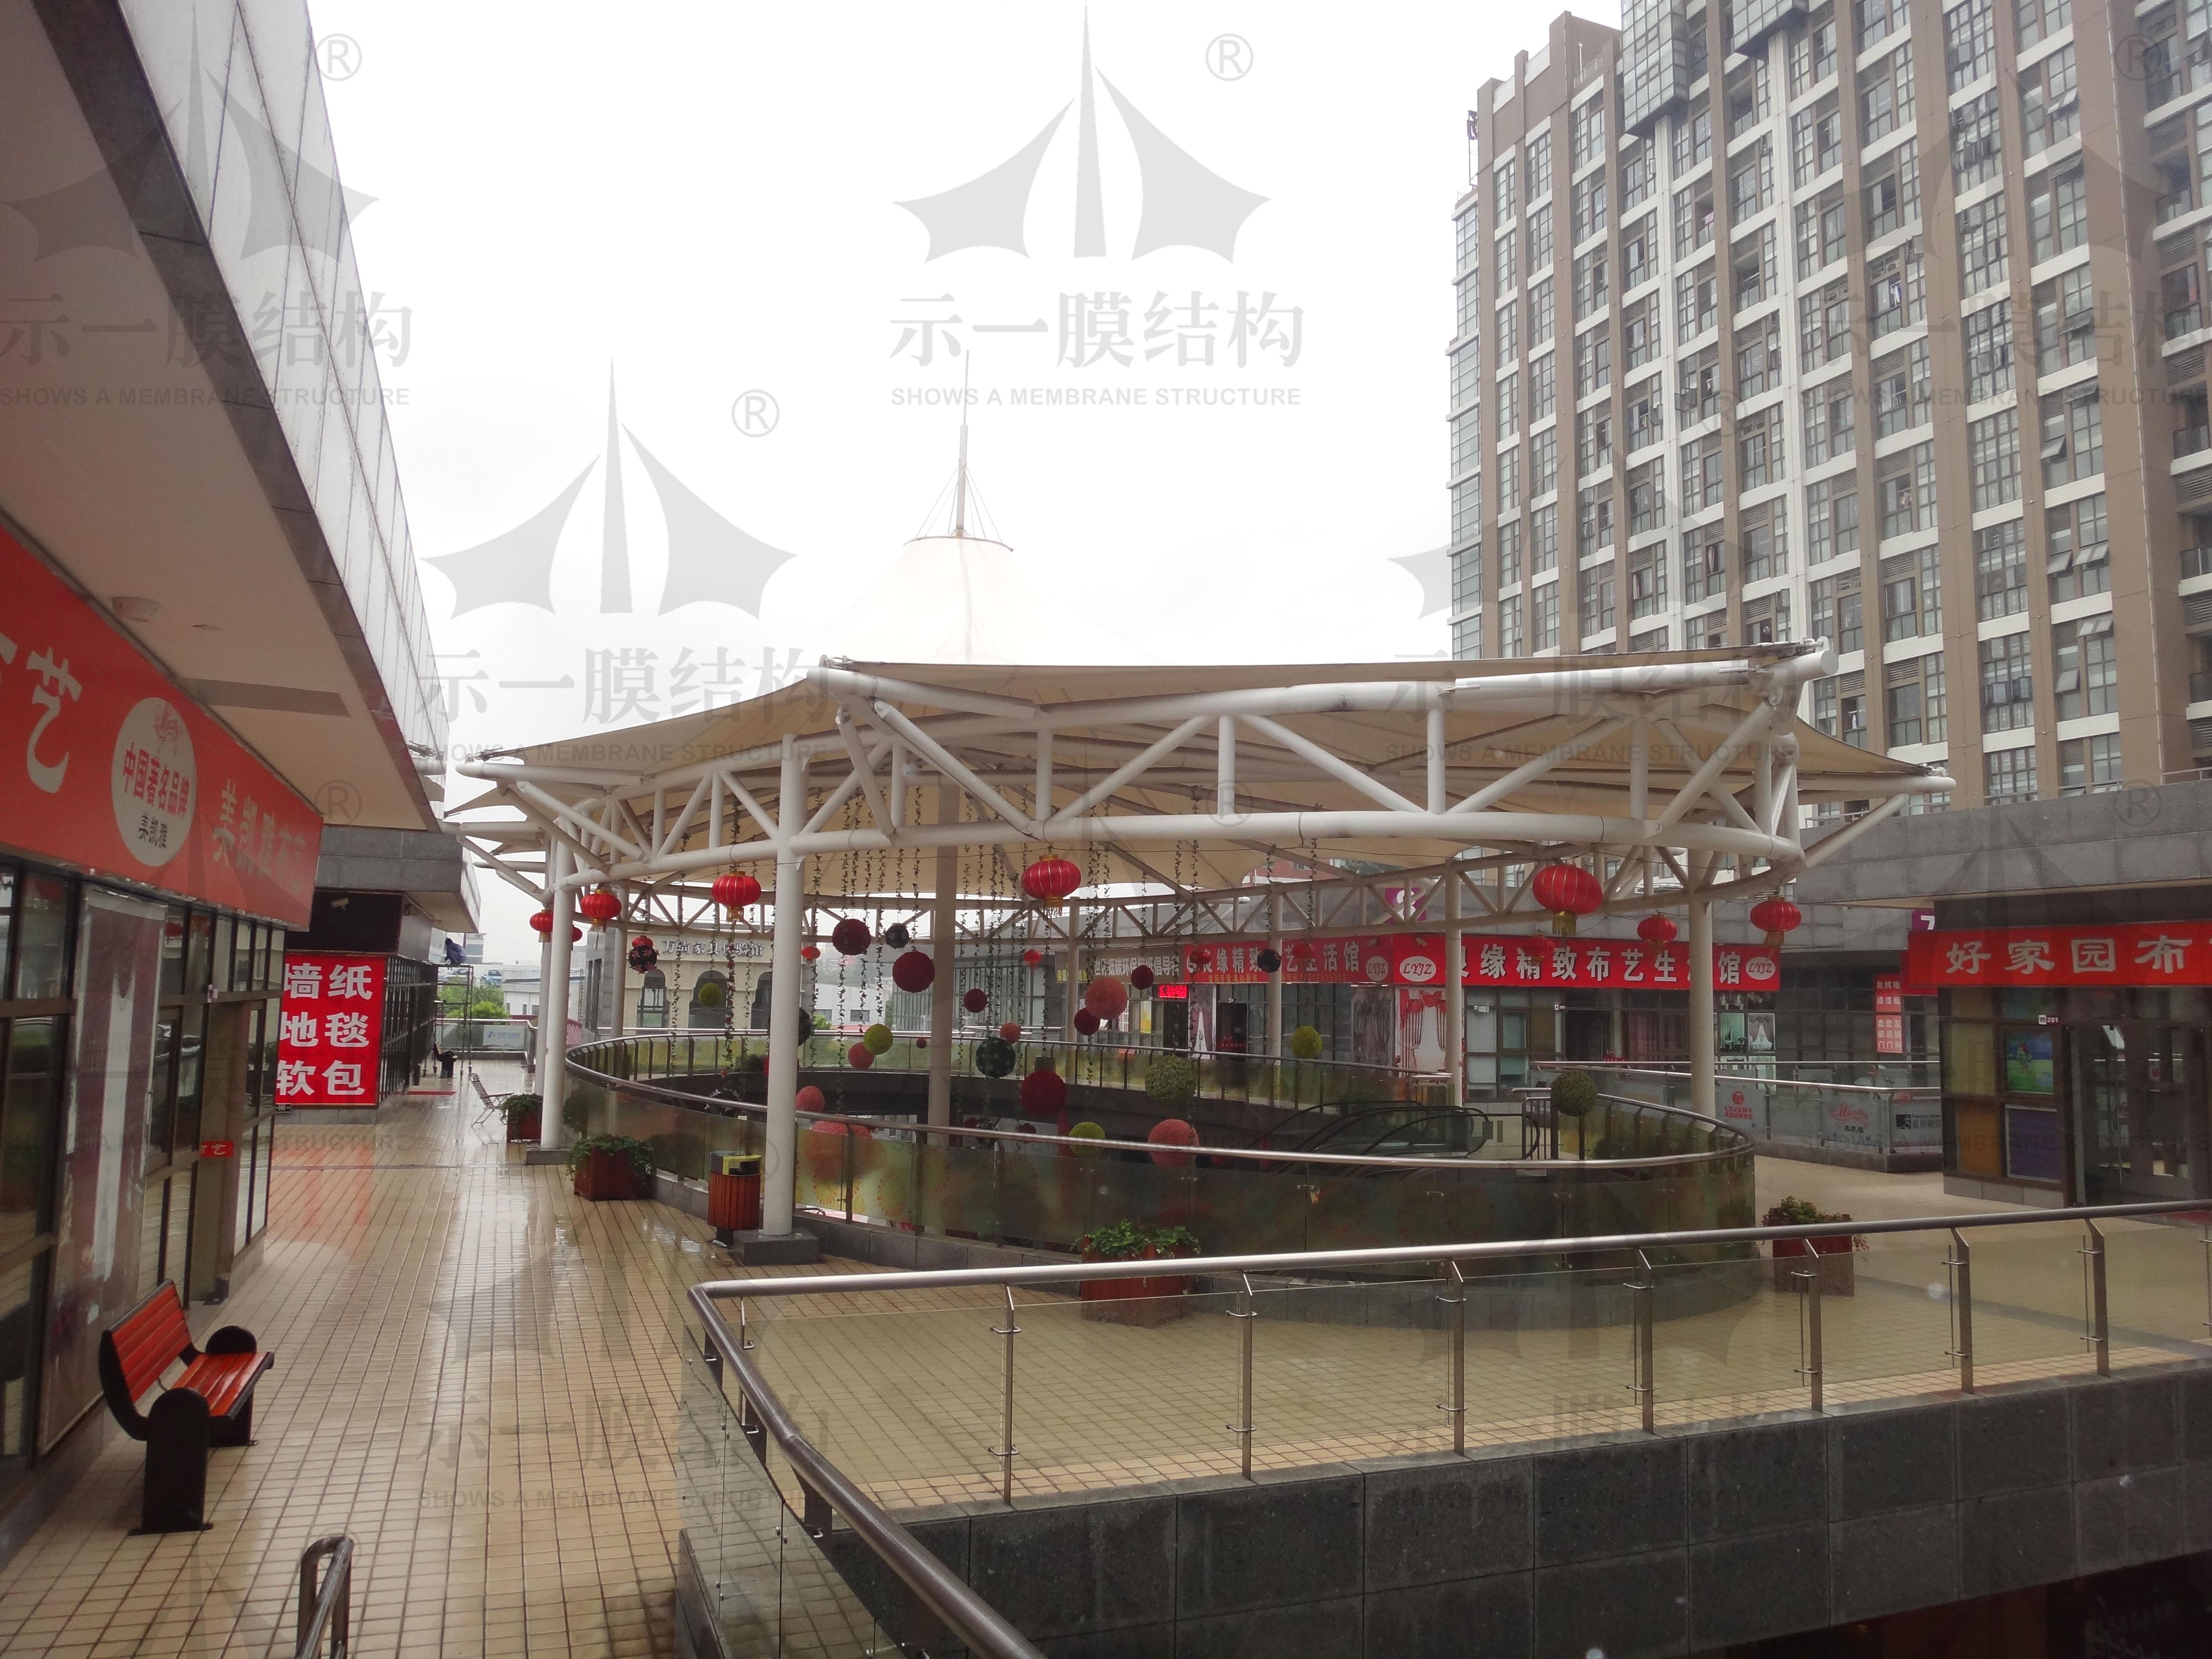 多雨季节安装膜结构需要注意什么?